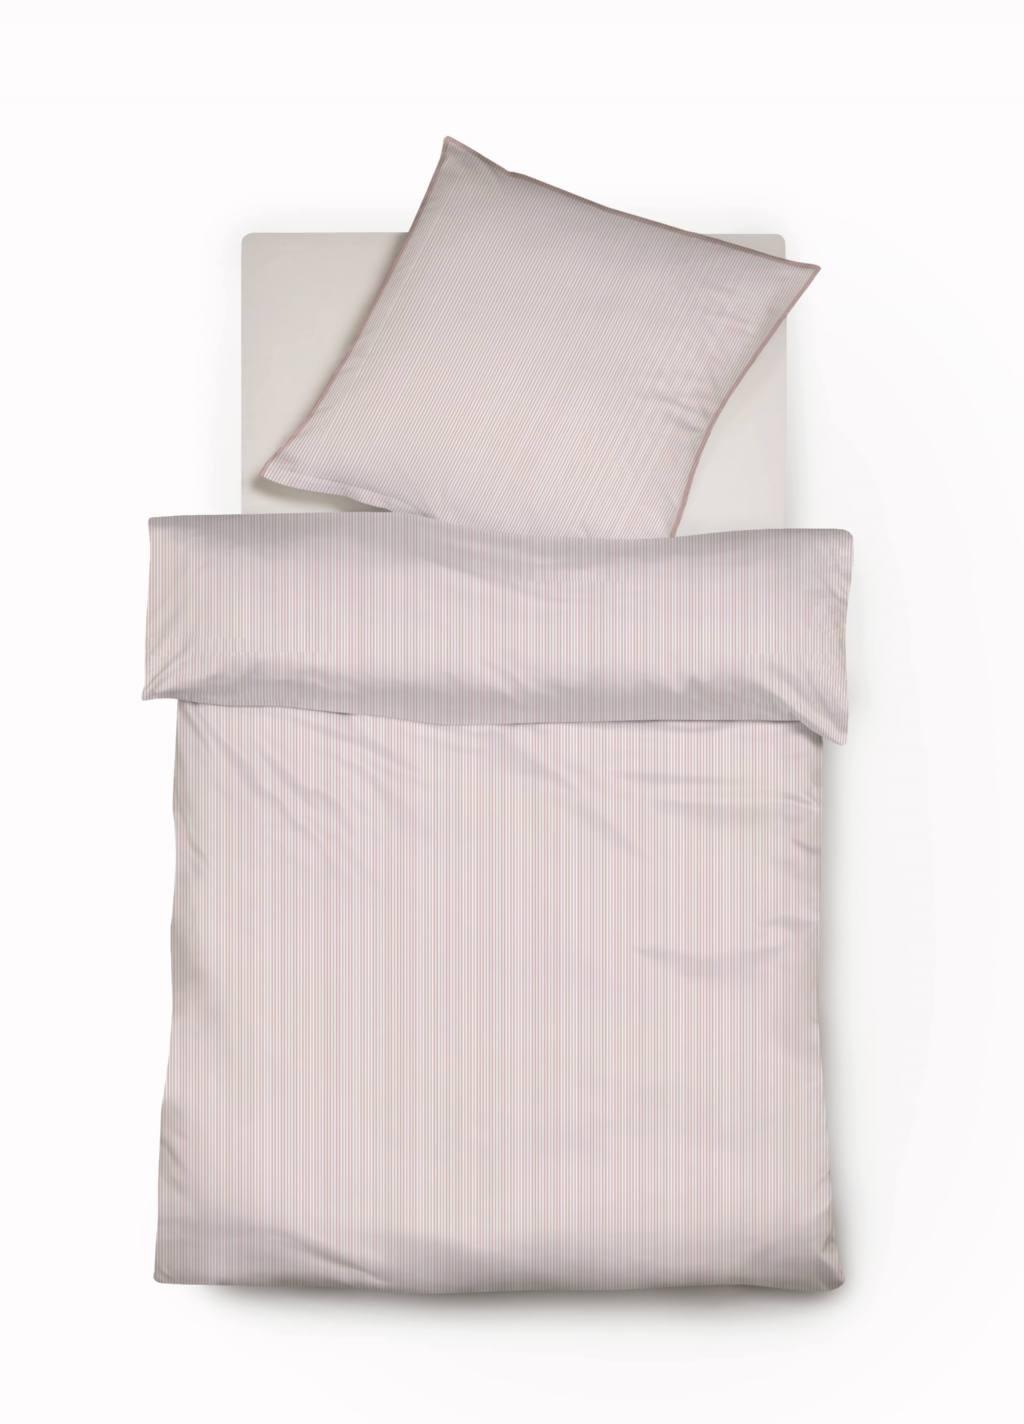 mako satin bettw sche mit rosa nadelstreifen mit paspel von fleuresse modern life 200x200. Black Bedroom Furniture Sets. Home Design Ideas